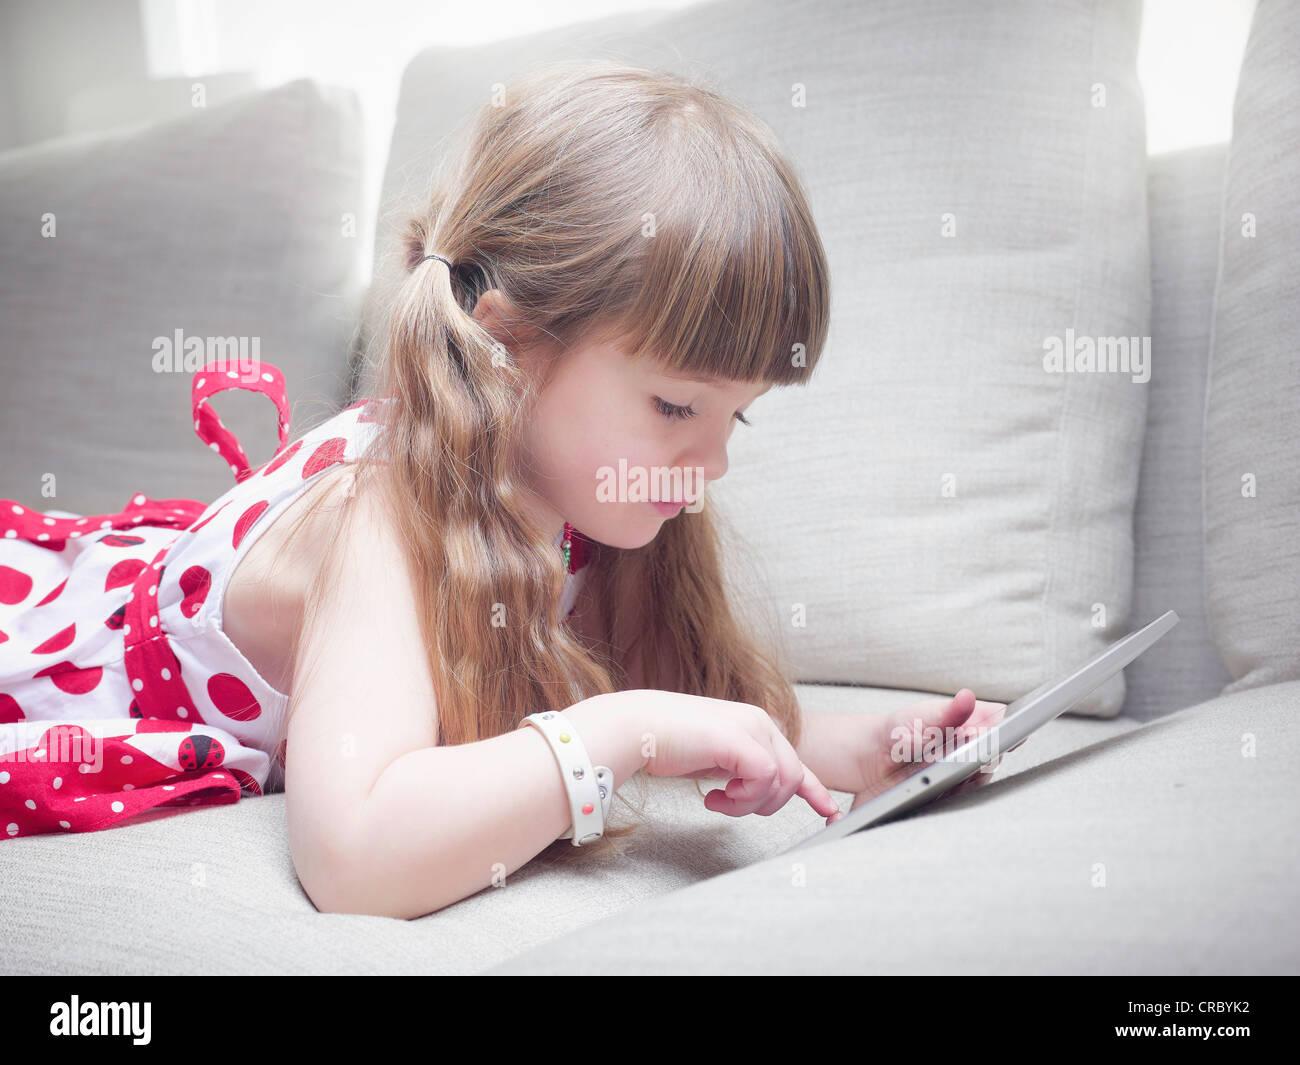 Girl using tablet computer on sofa - Stock Image